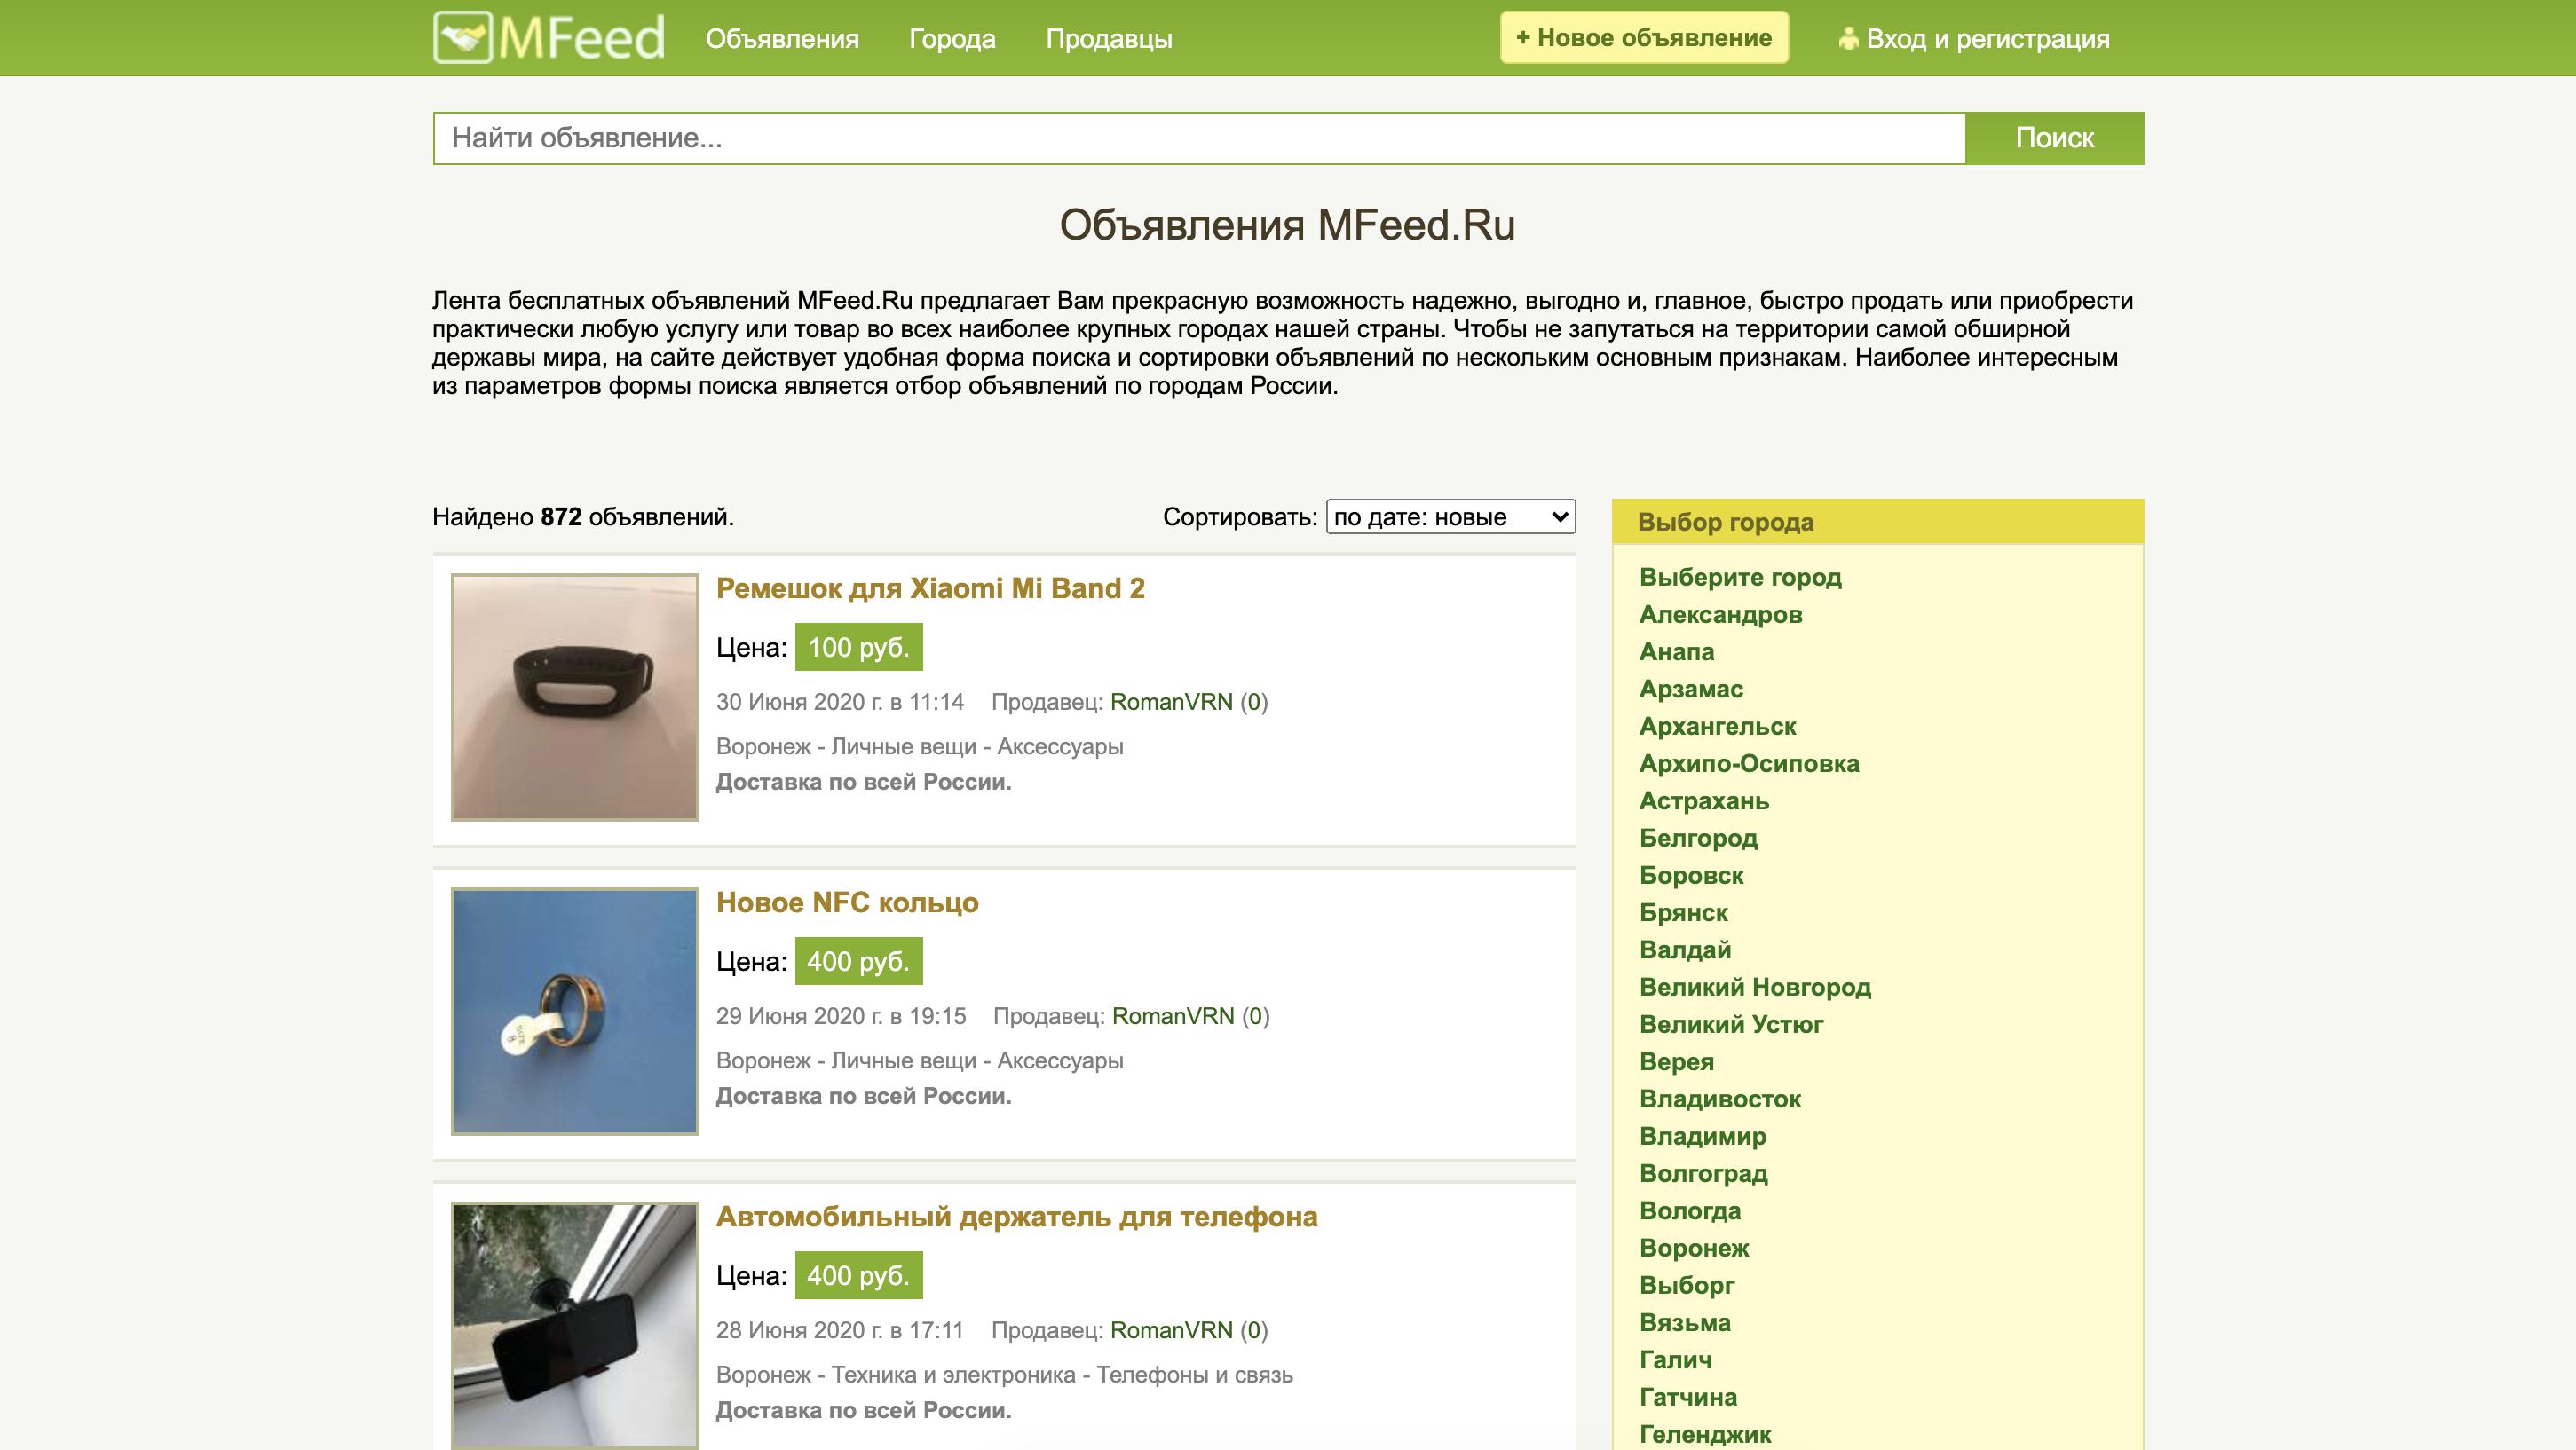 CMS сайта объявлений MFeed